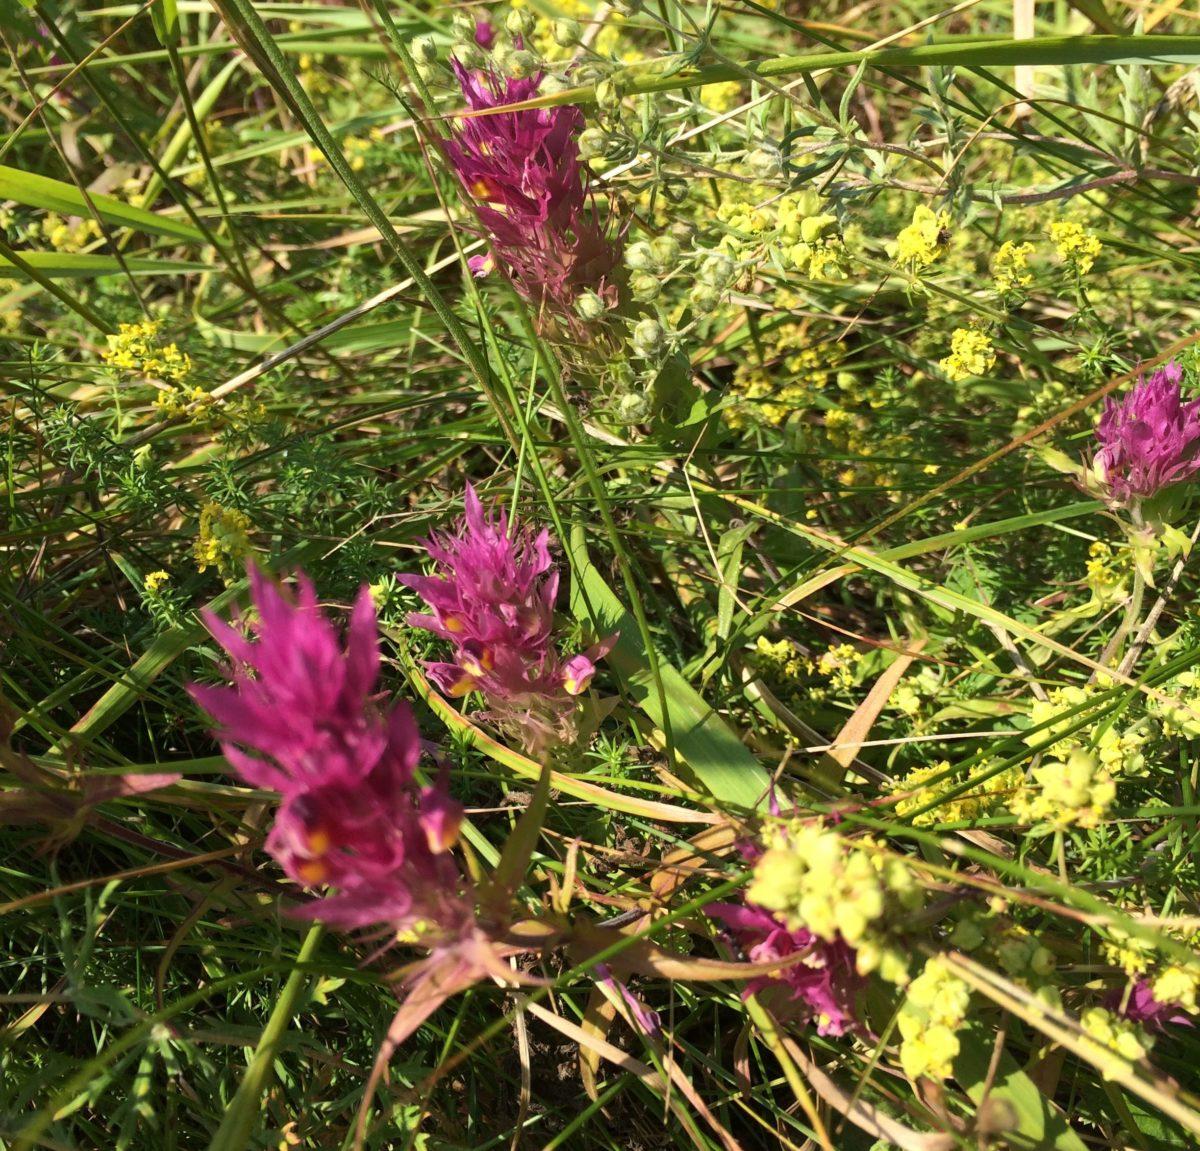 Field Cow-wheat (Melampyrum arvense). Photo Taru Elfving.